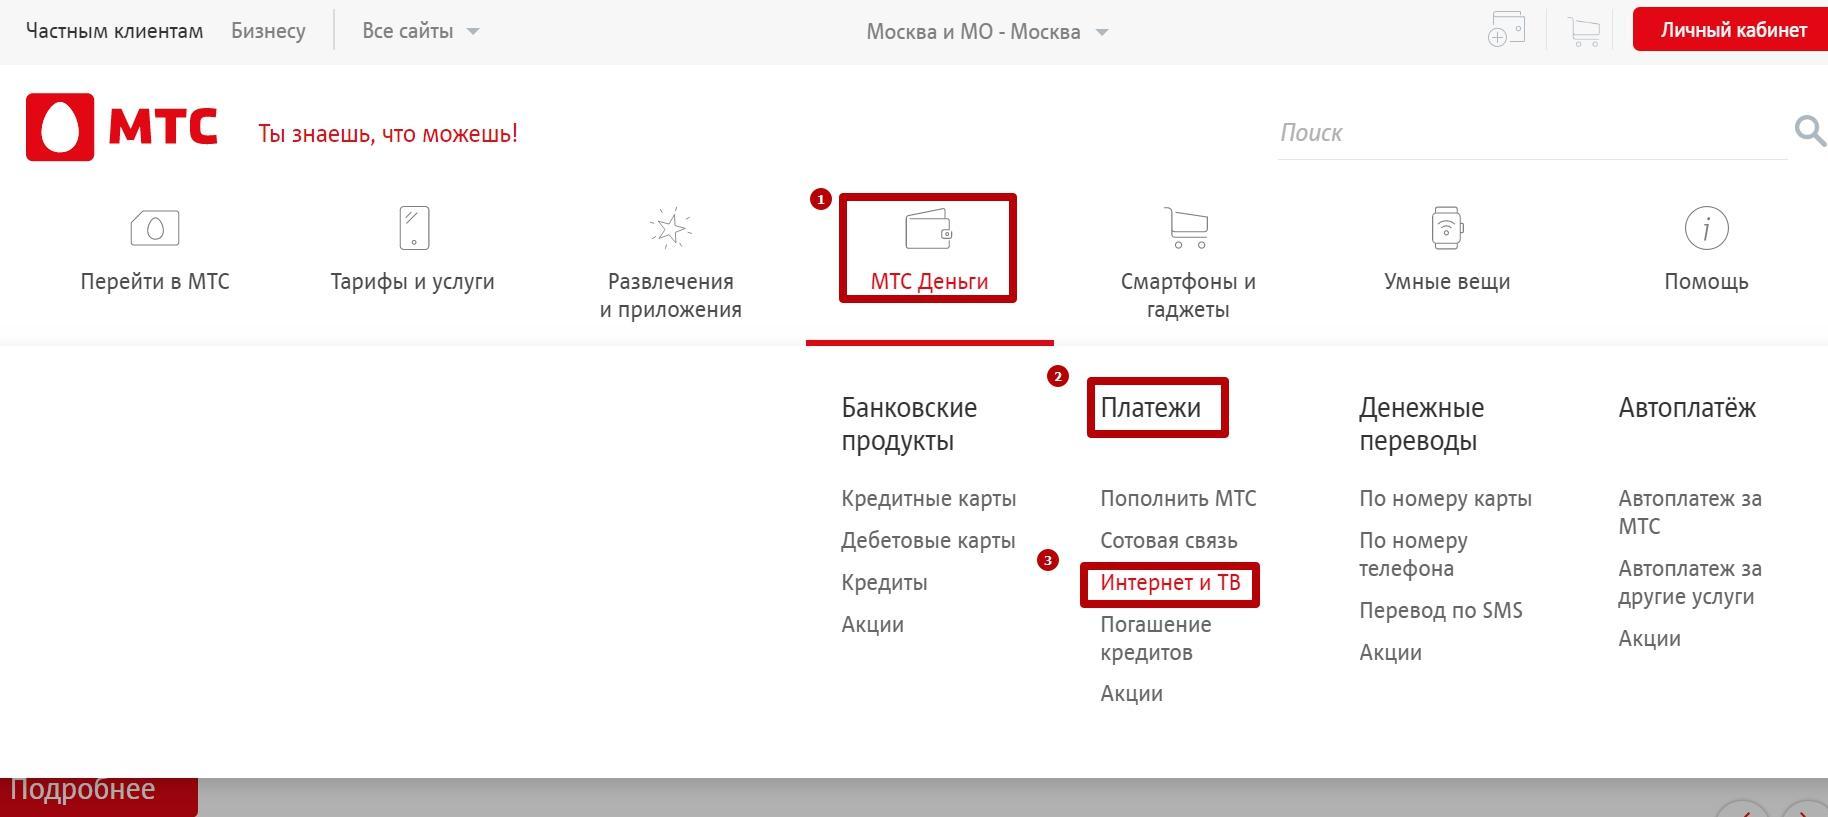 Оплата МТС банковской картой Сбербанка: инструкция